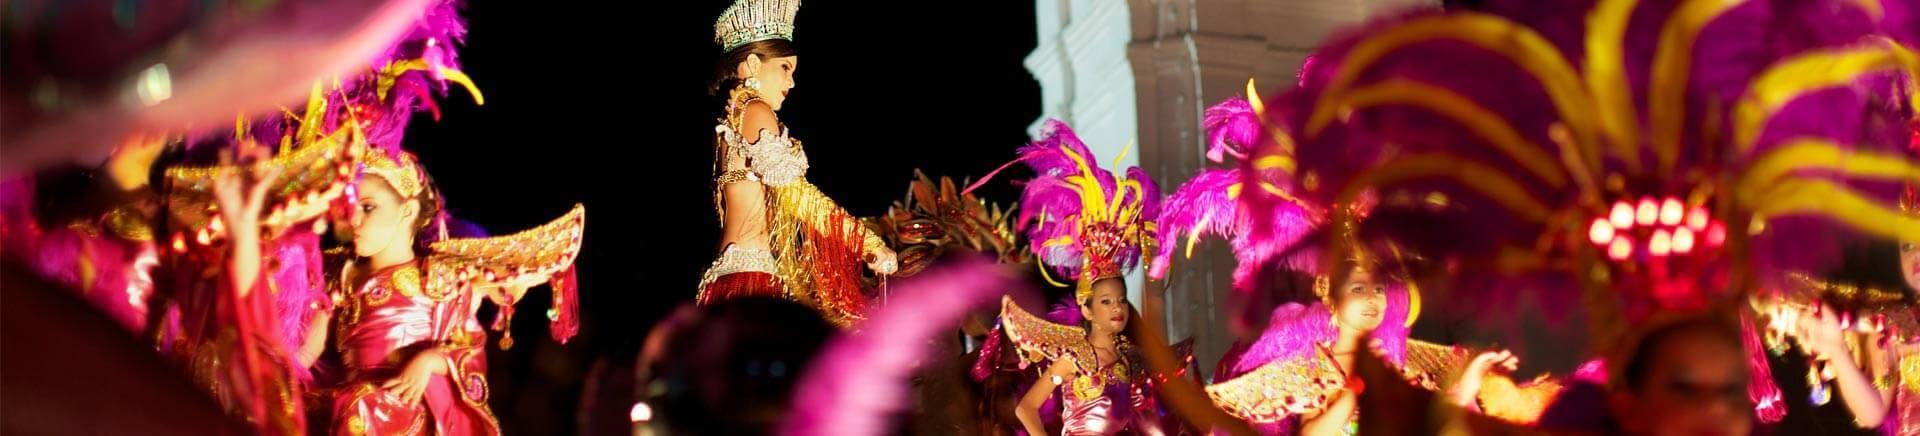 Farbenfroher Karneval